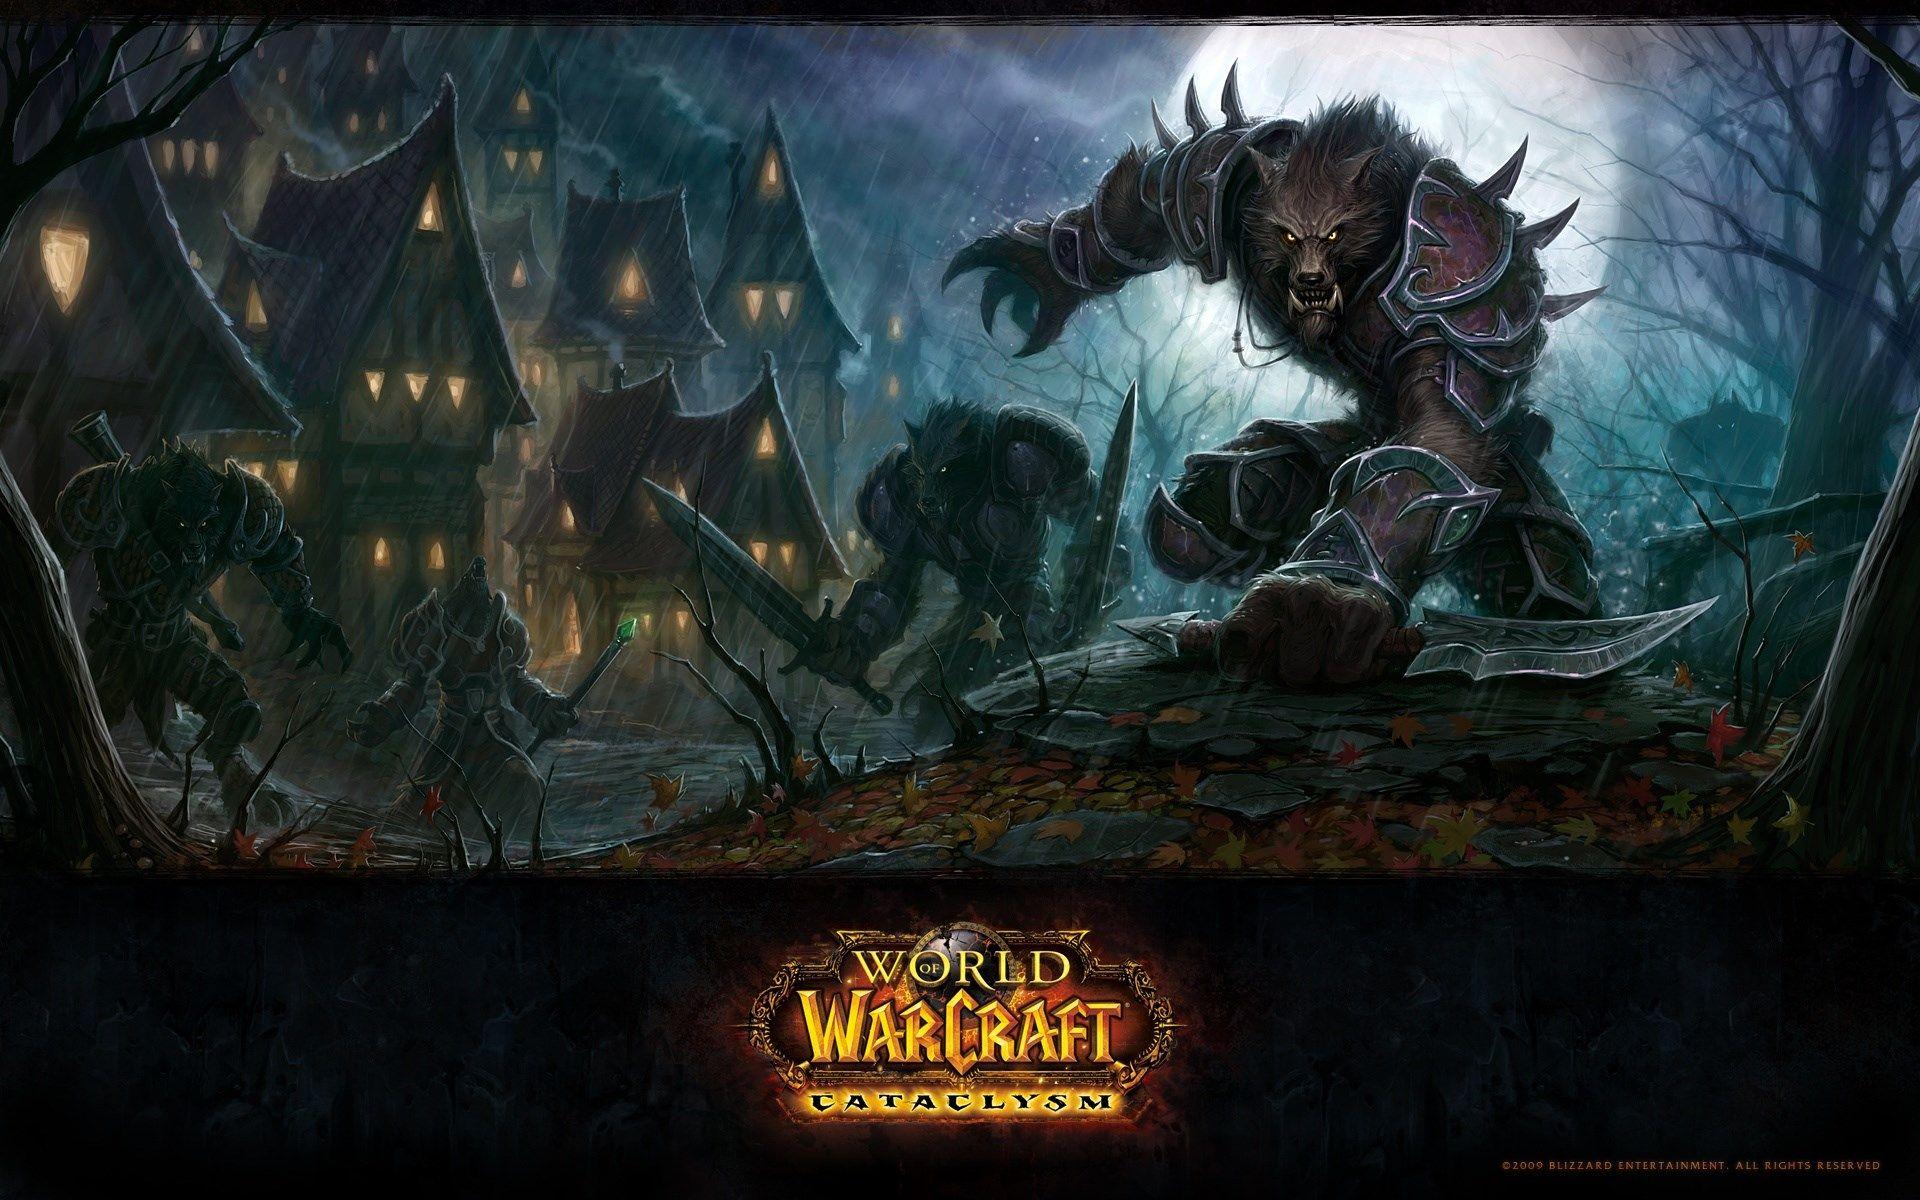 1920x1200 High Resolution Wallpaper World Of Warcraft Cataclysm World Of Warcraft Wallpaper World Of Warcraft Cataclysm World Of Warcraft